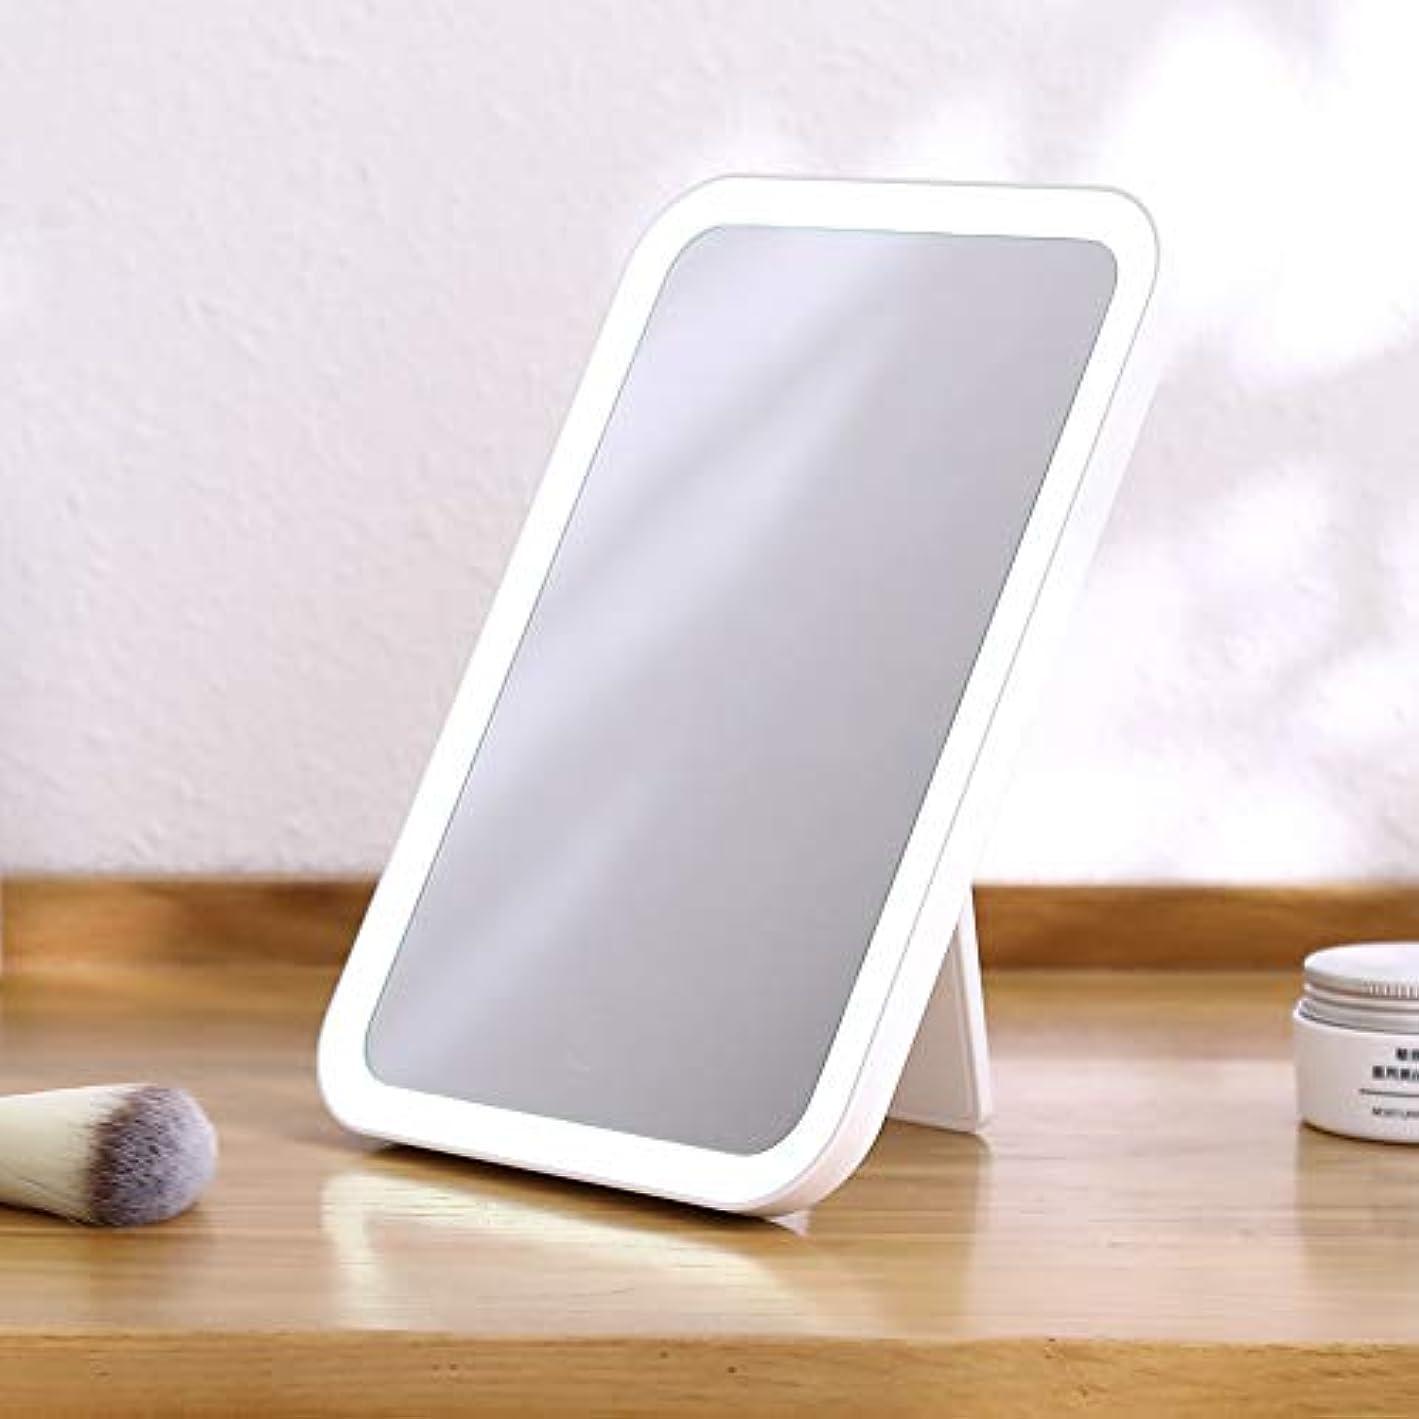 ソブリケットサイドボード海港BEZOX LED化粧鏡 化粧ミラー 鏡 USB充電式 LEDミラー かがみ 14mm 超薄型 卓上ミラー 旅行用